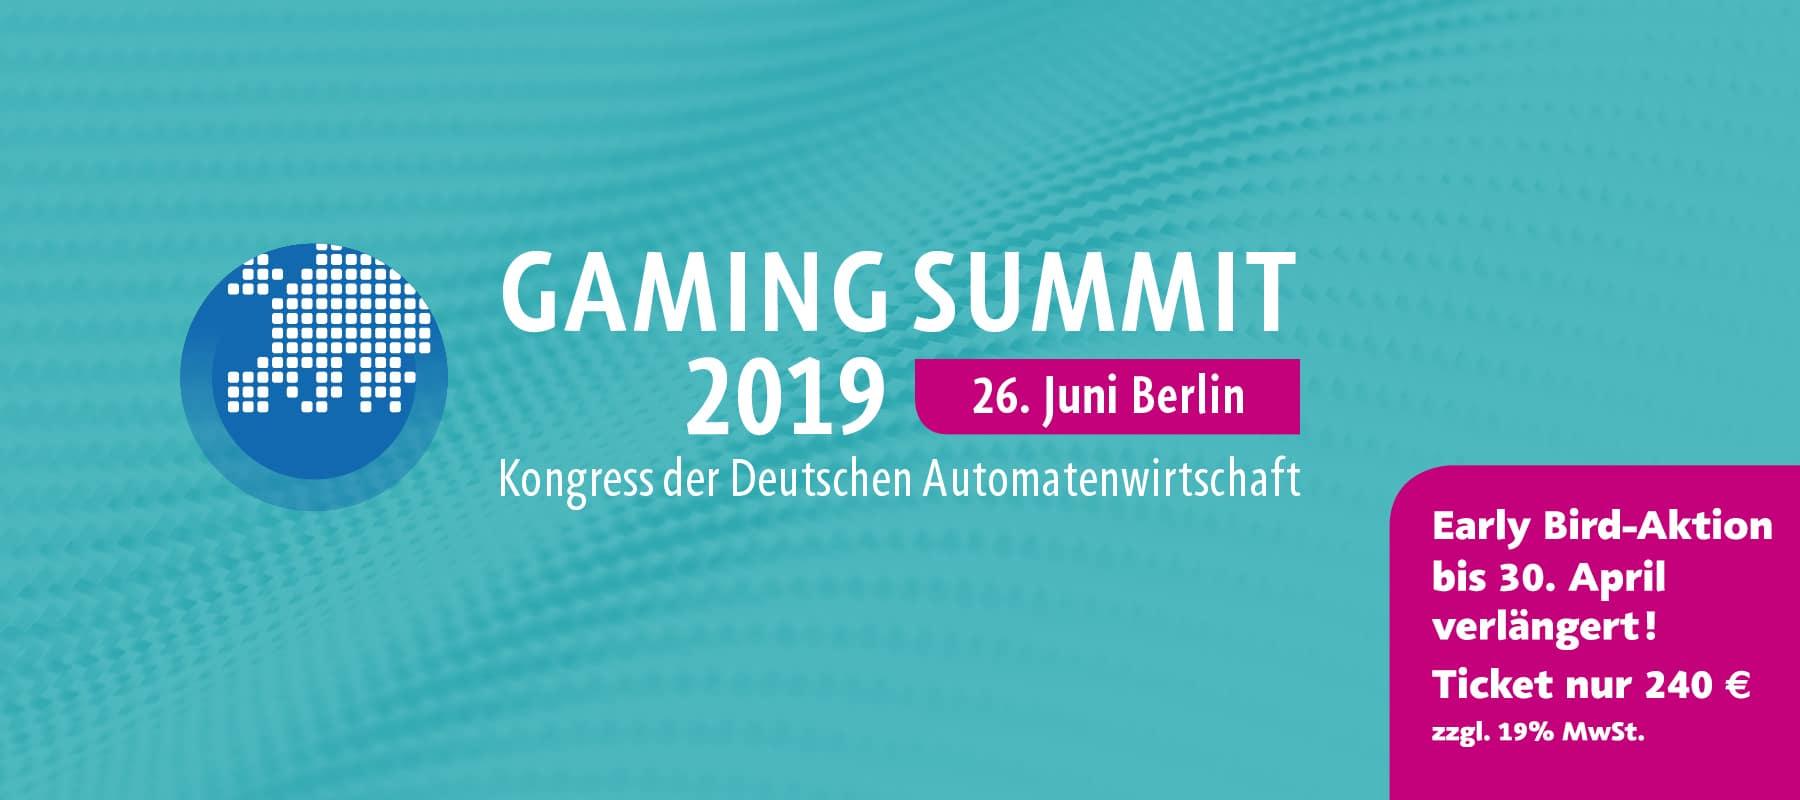 Grafik: Gaming Summit 2019 - Kongress der Deutschen Automatenwirtschaft, 26. Juni, Berlin